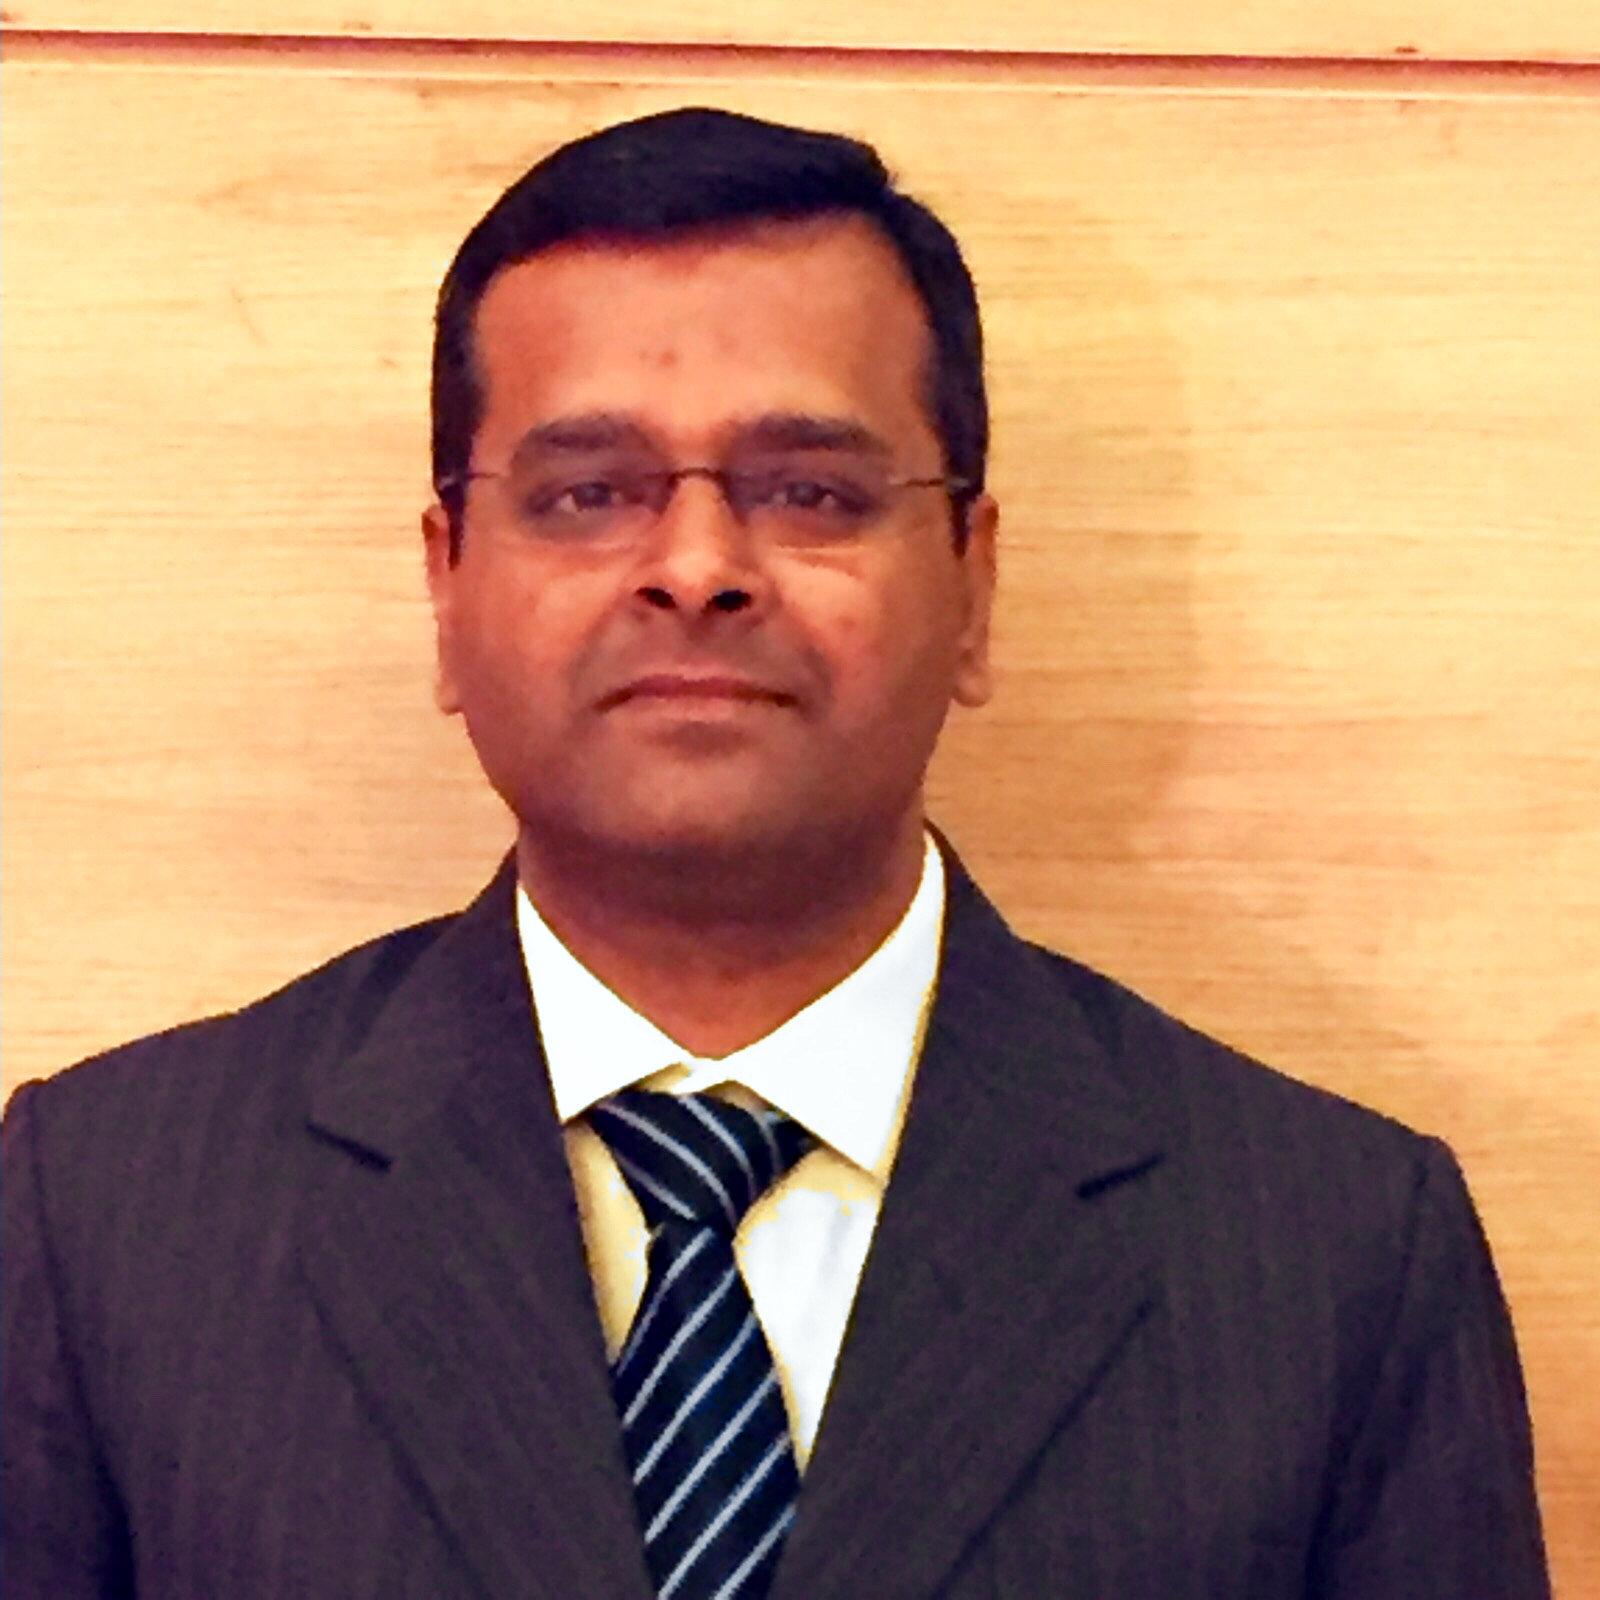 Ankur Buttan